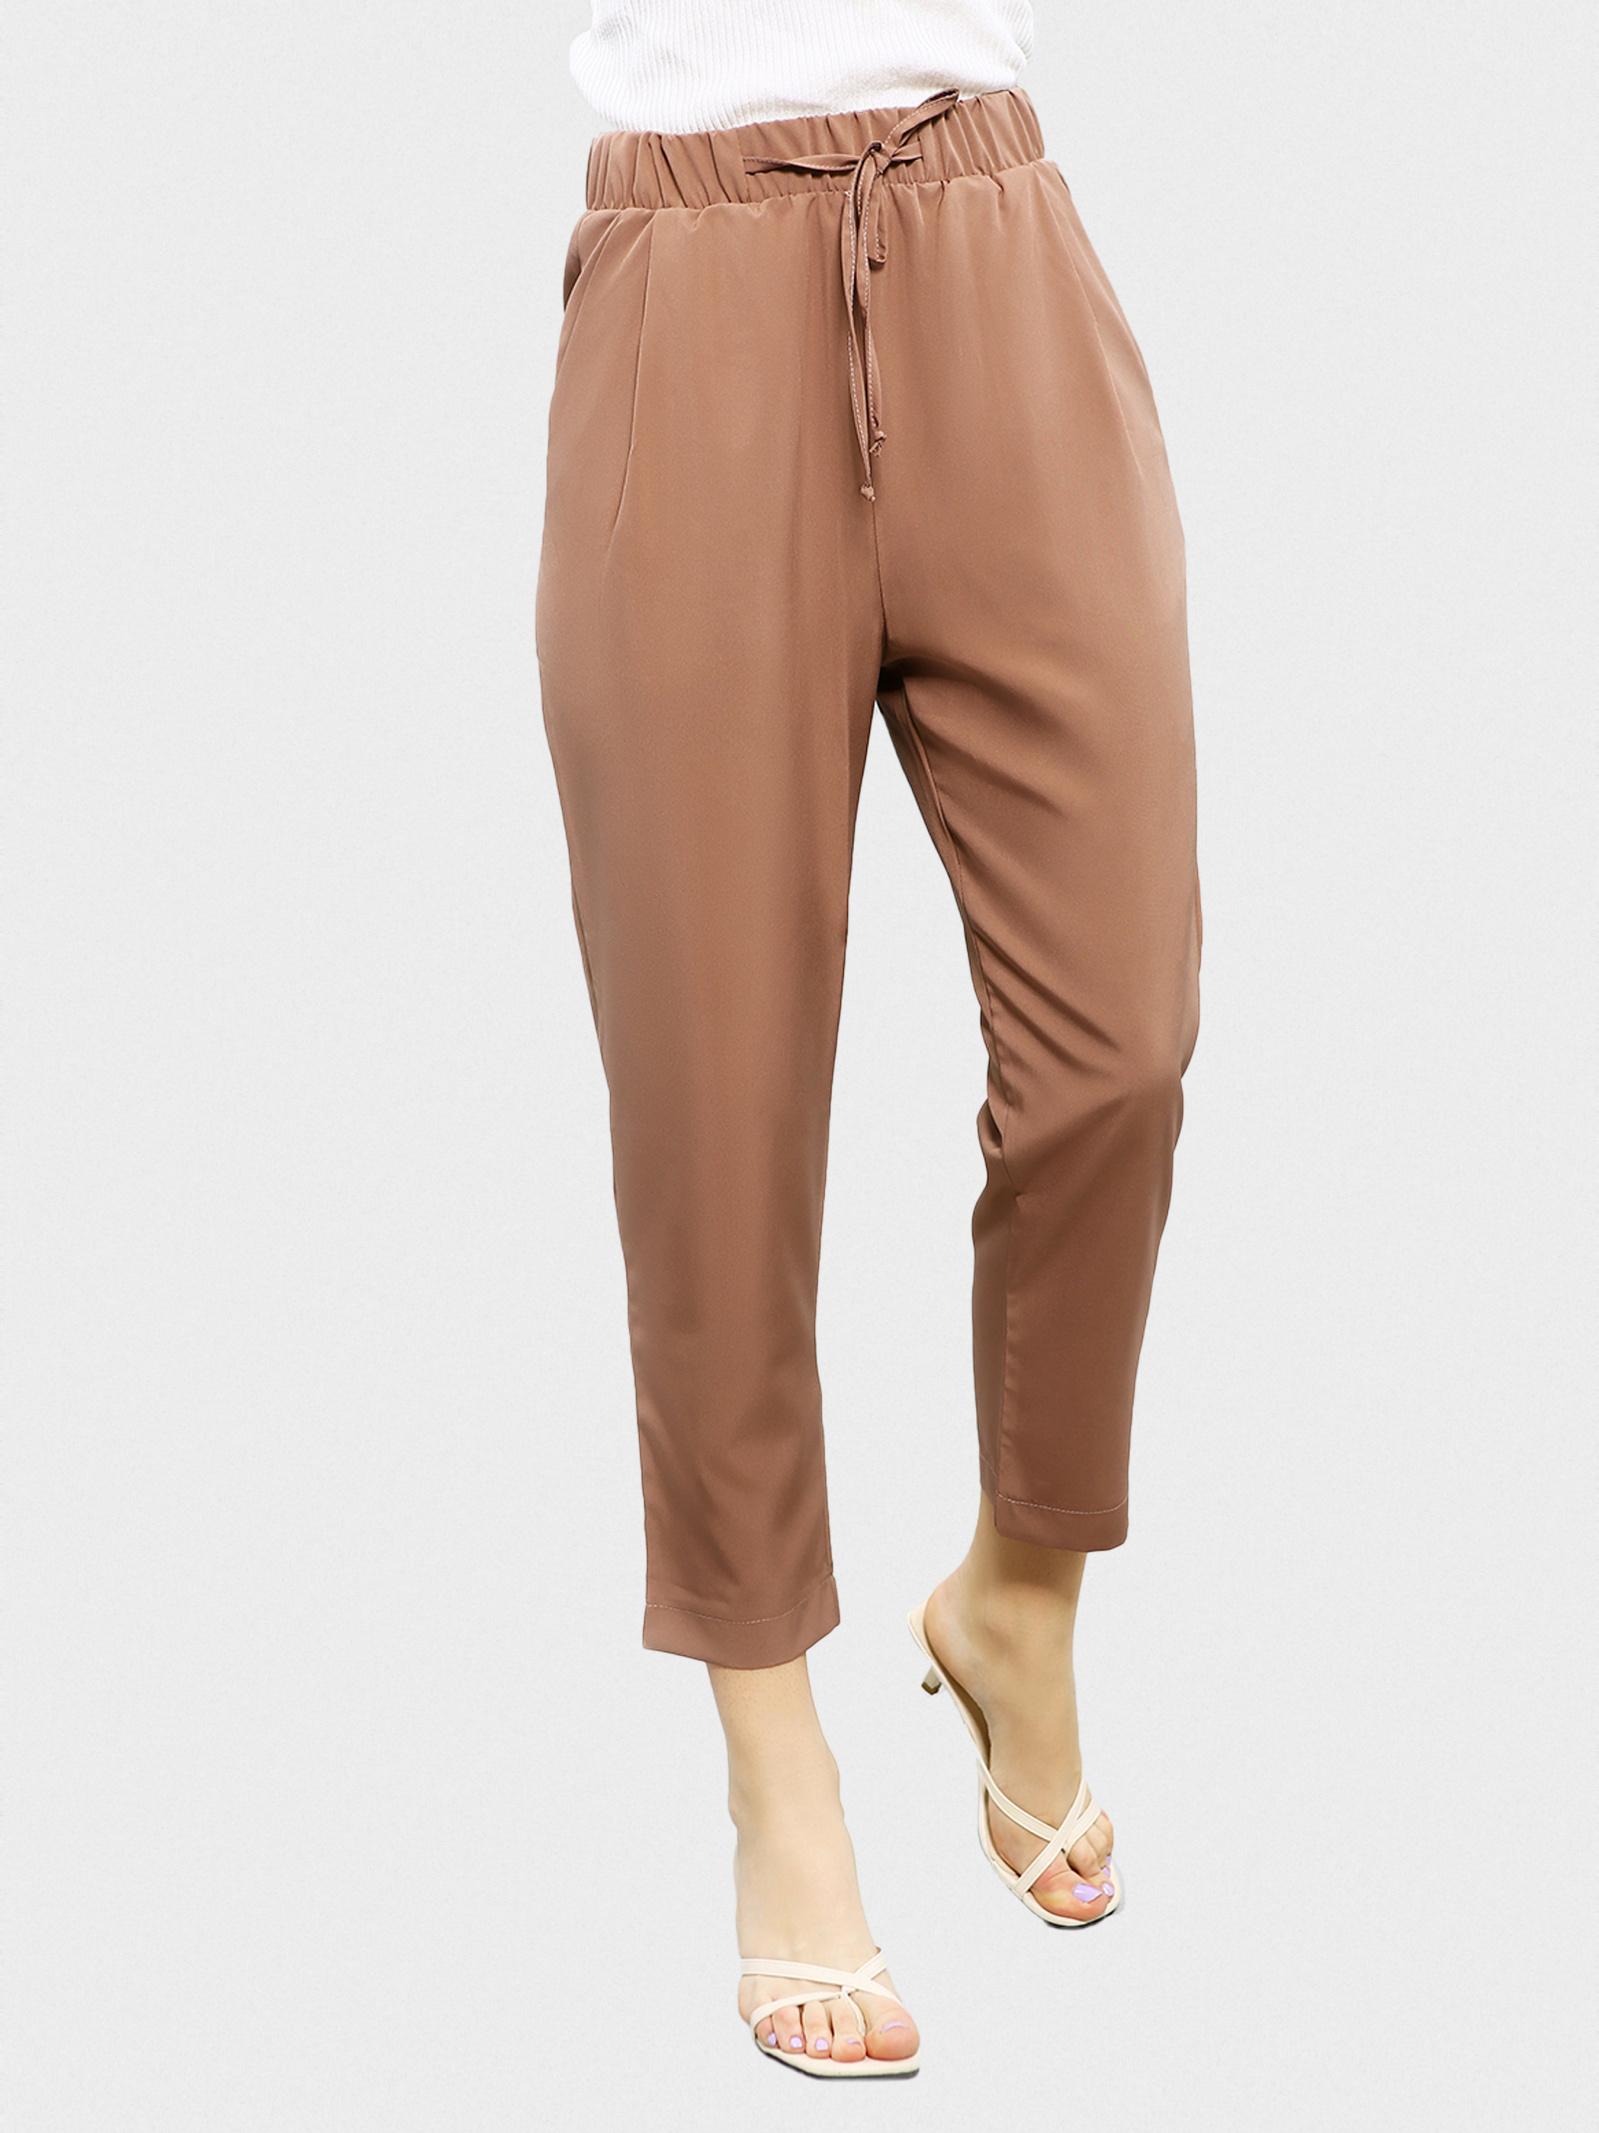 ISSA Plus Брюки жіночі модель 11600_светло-коричневый купити, 2017